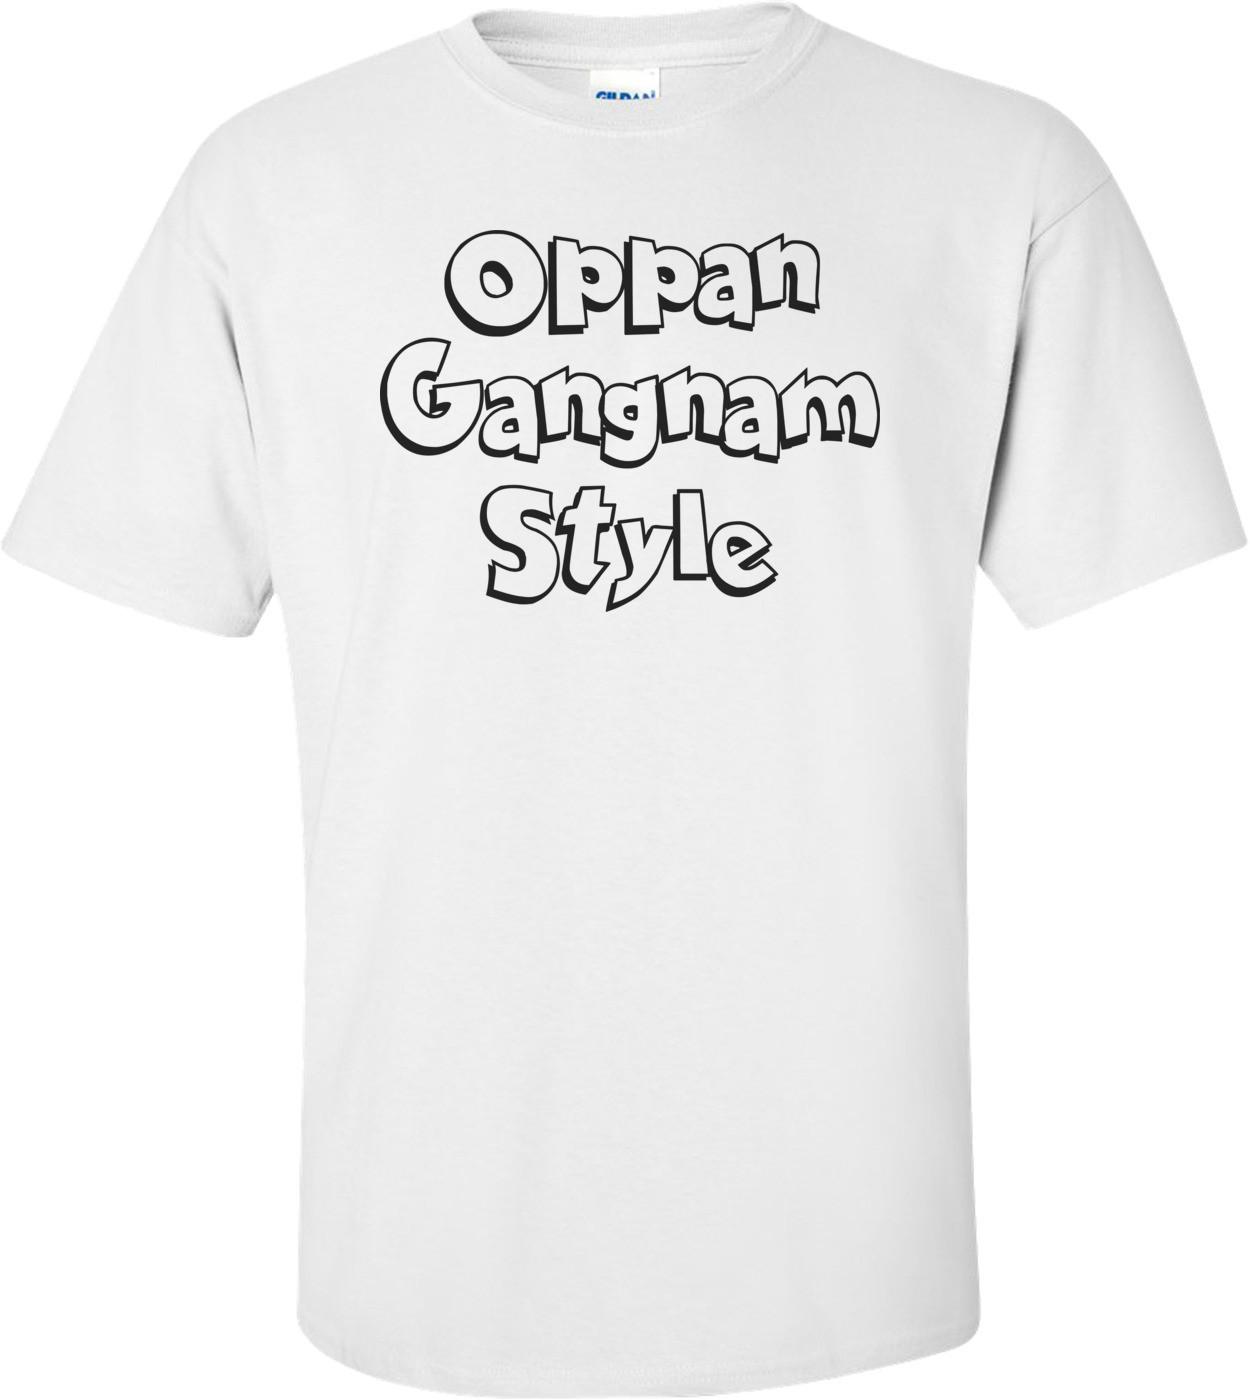 Oppan Gangnam Style Shirt